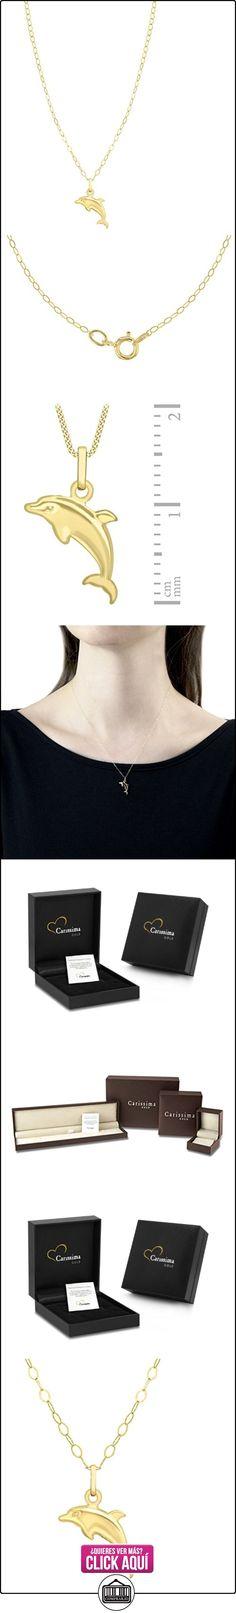 Carissima Gold Collar de mujer con oro amarillo de 9 quilates (375/1000), sin gema, 46 cm  ✿ Joyas para mujer - Las mejores ofertas ✿ ▬► Ver oferta: https://comprar.io/goto/B00879QU8M